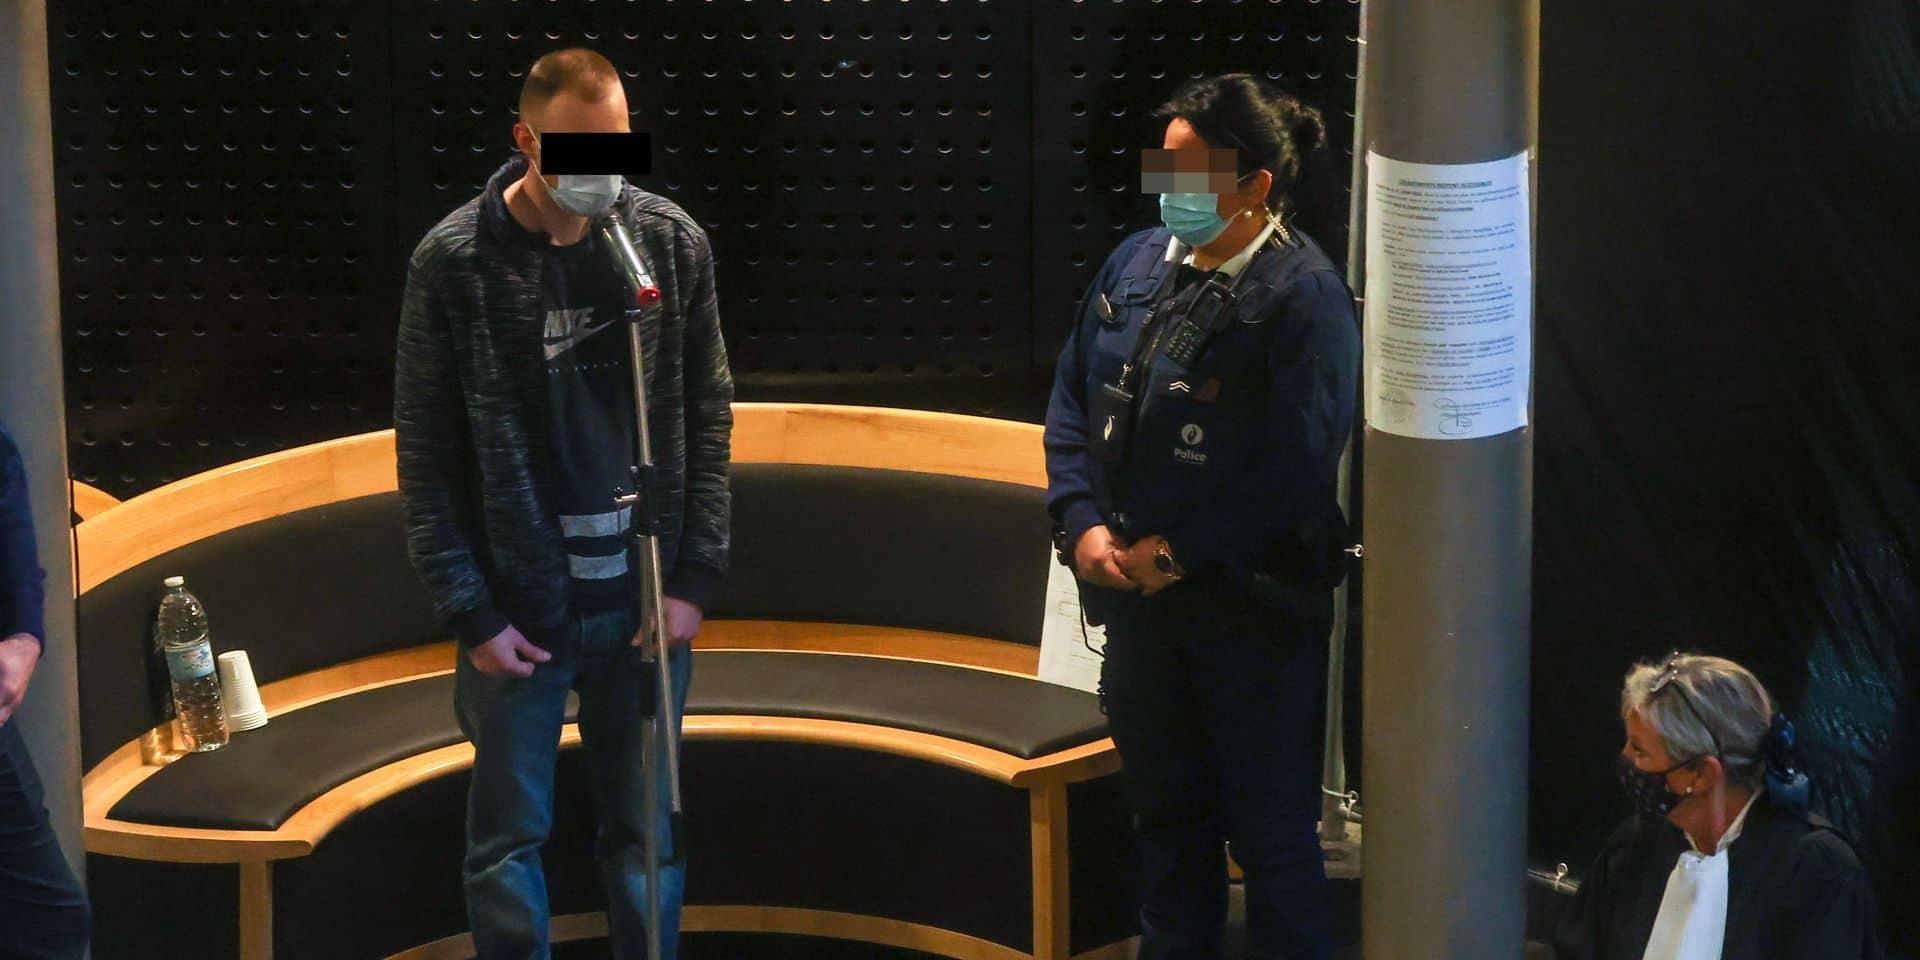 Meurtre de Céline Doignon à Mons: La légitime défense, invoquée par l'accusé, démontée par les enquêteurs